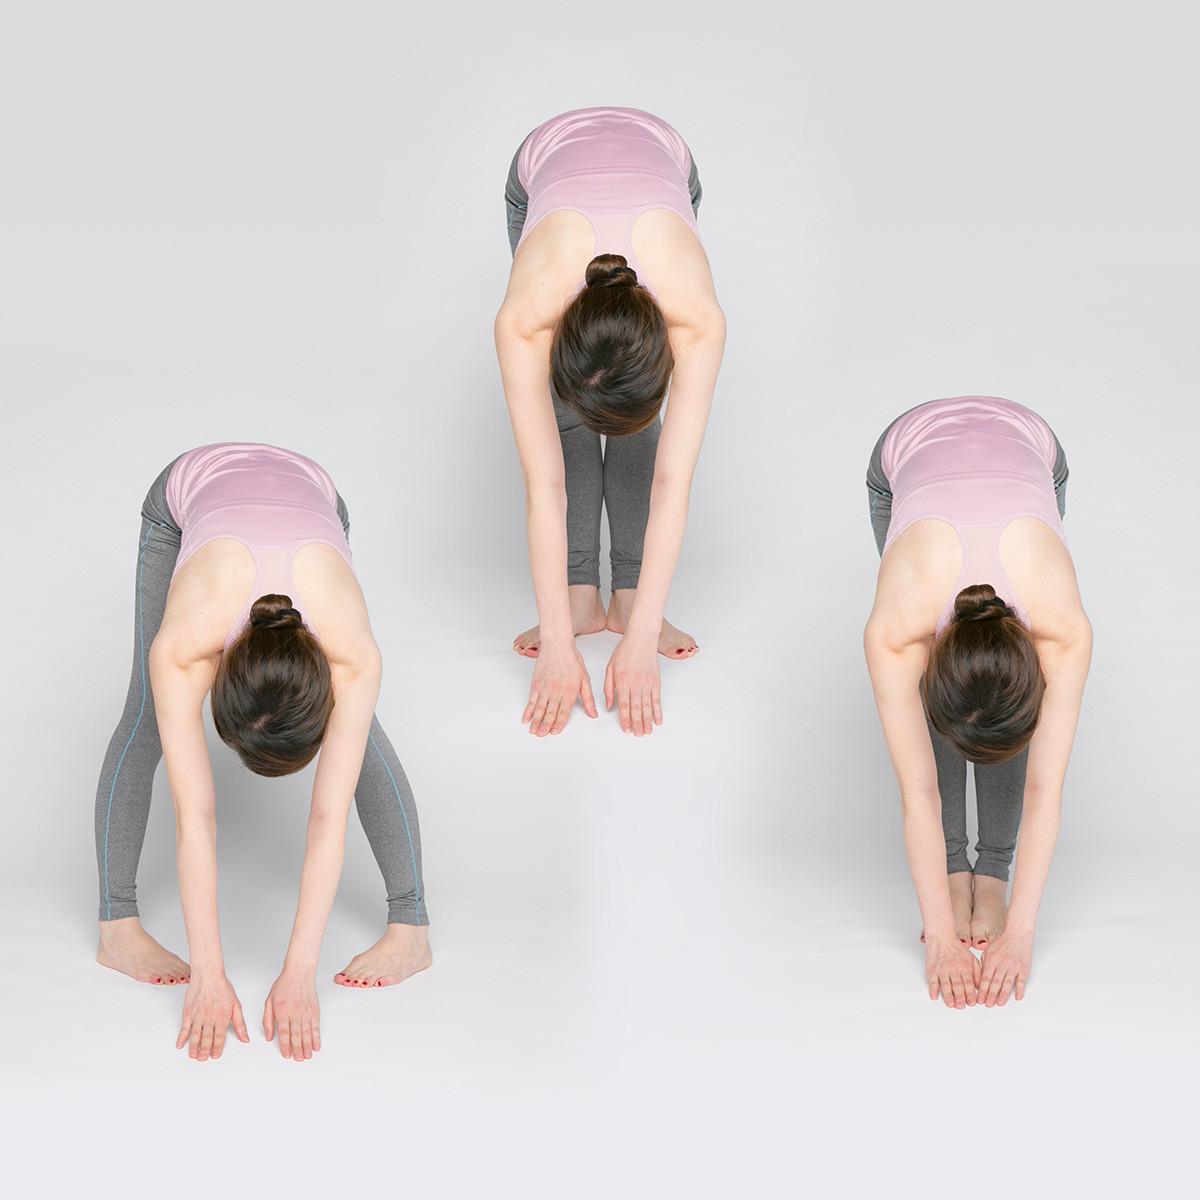 垂れ下がったお尻を引き上げるウォーミングアップ【美尻プログラムLesson1】